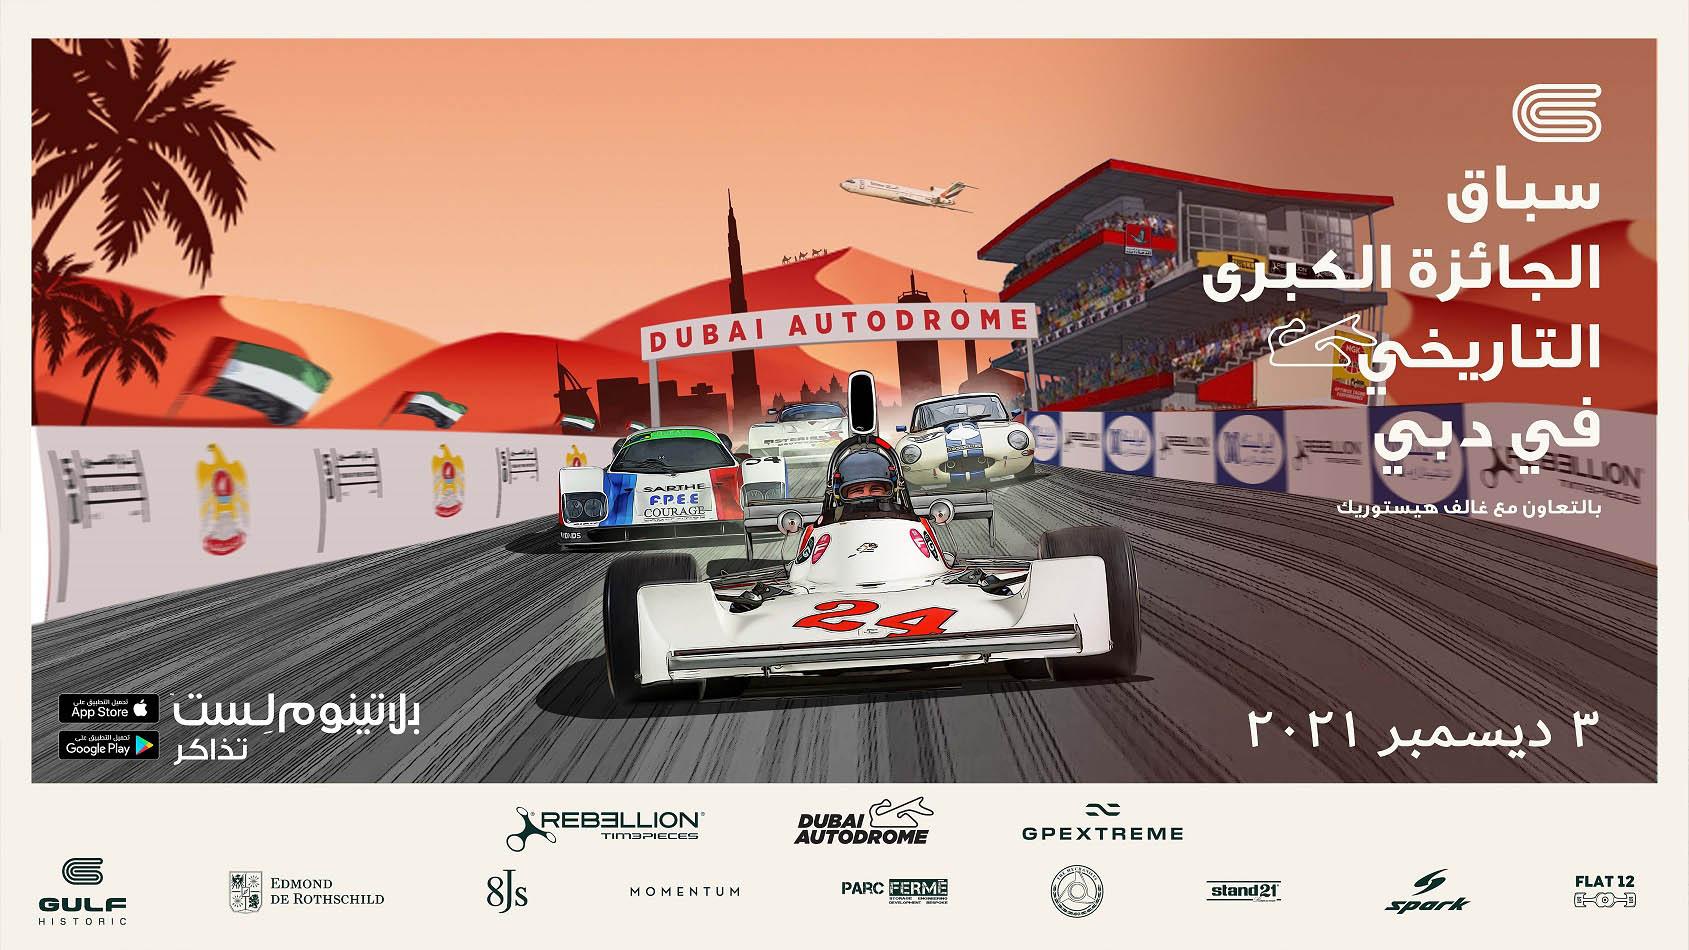 دبي تستضيف أكبر سباق تاريخي لسيارات الفورمولا 1 احتفالا باليوبيل الذهبي للدولة